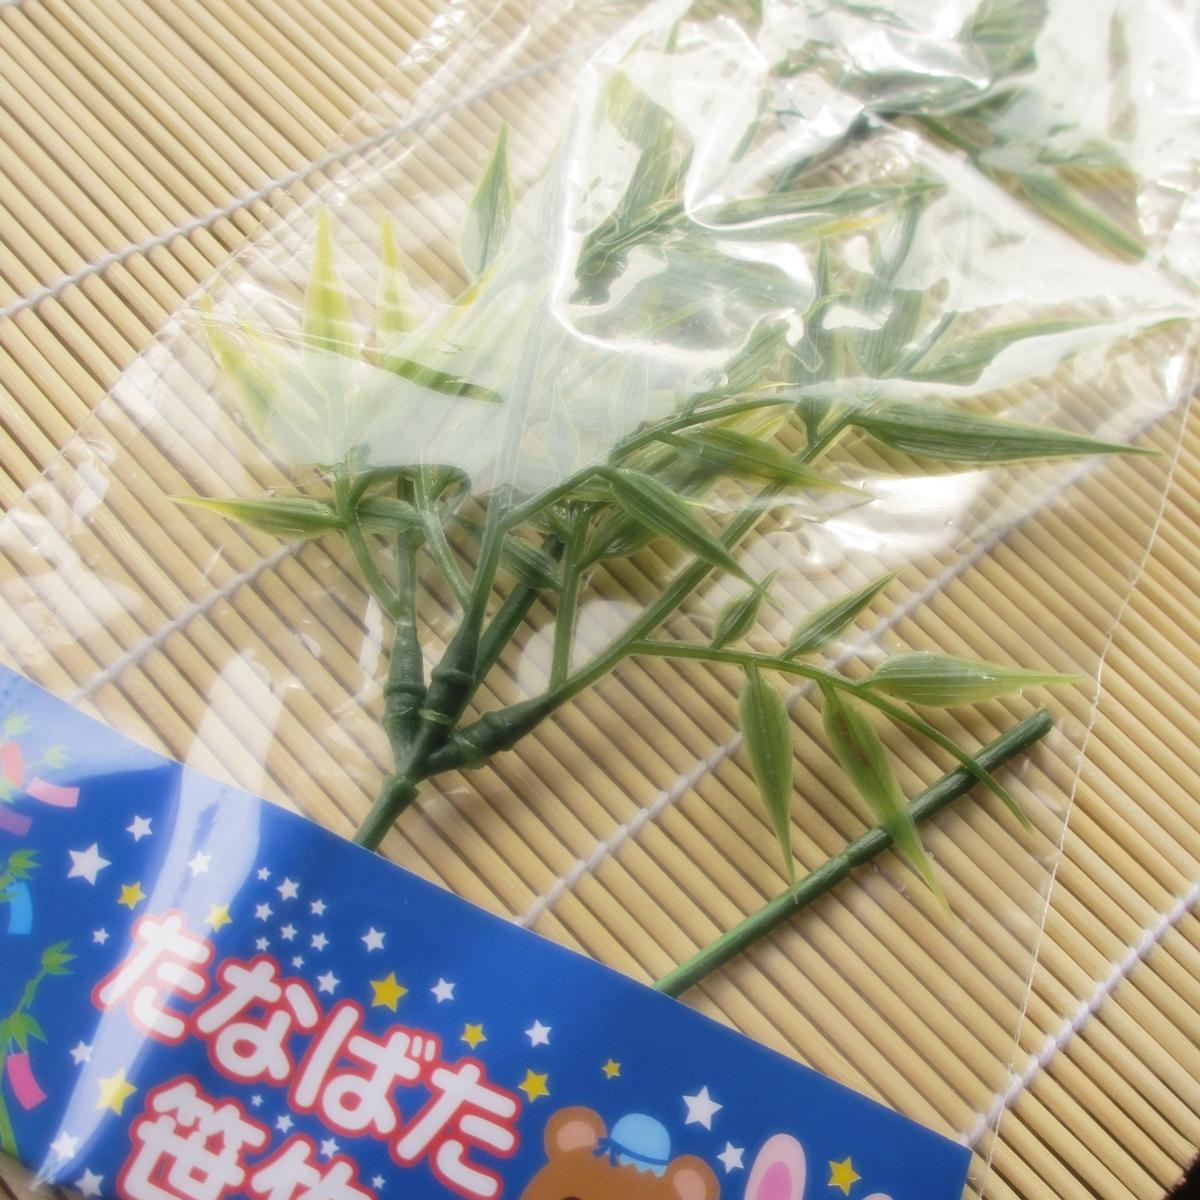 残りは飾り付けだけっ!100均で七夕用に笹竹(造花)を購入!